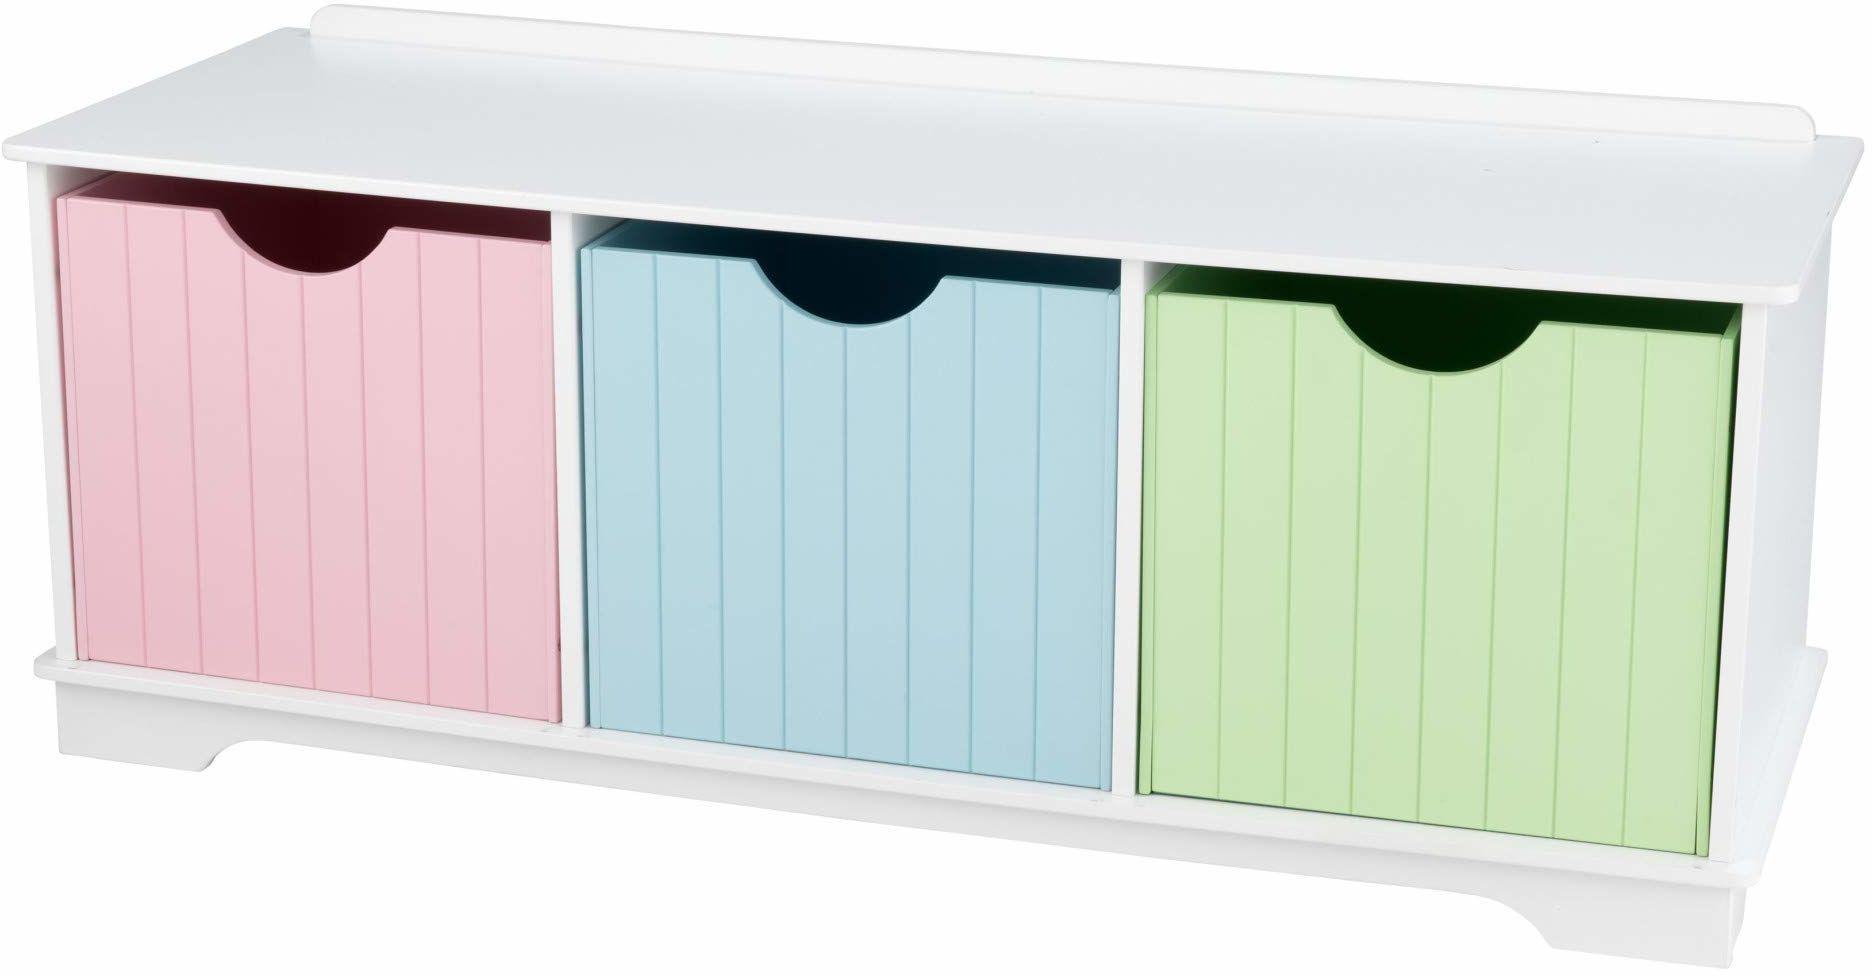 KidKraft 14565 pastelowa wantucket drewniana ławka do przechowywania dla dzieci z 3 szufladami/koszami do przechowywania, meble do sypialni dziecięcej